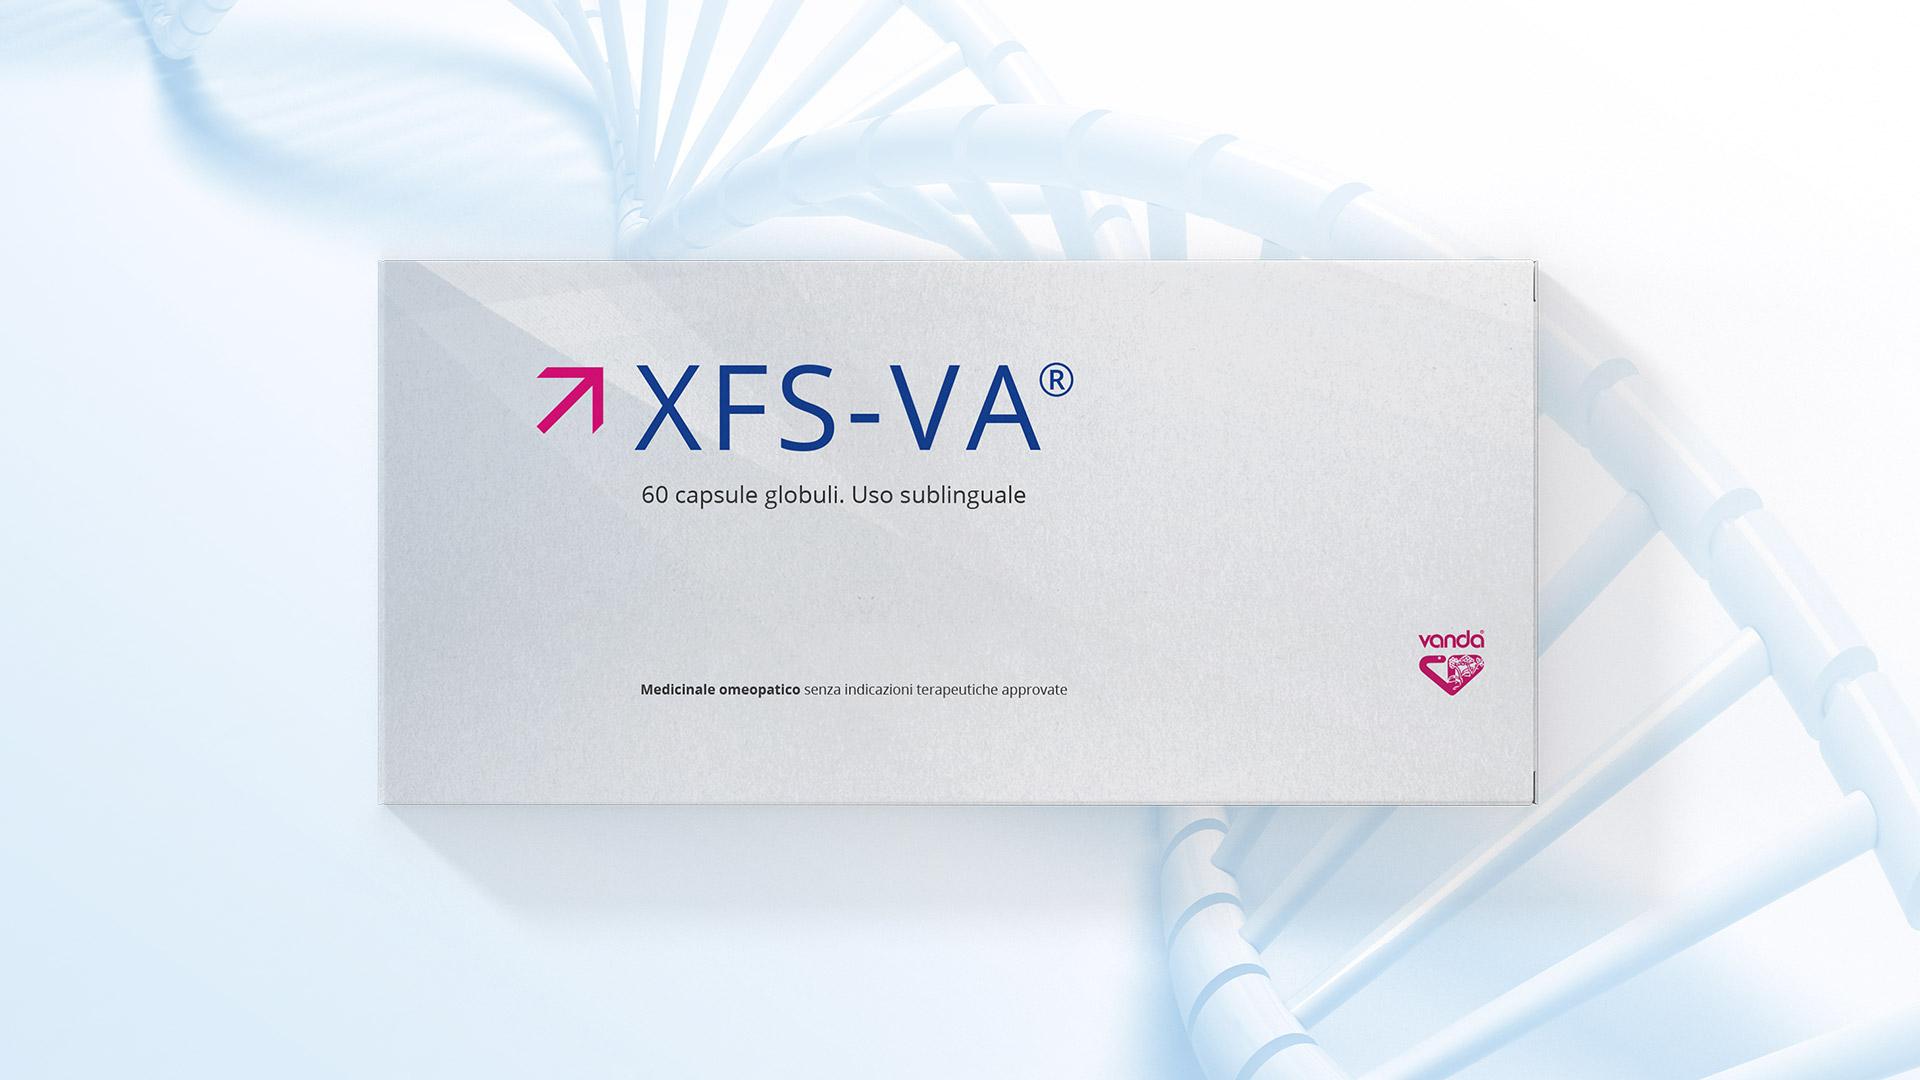 XFS-VA